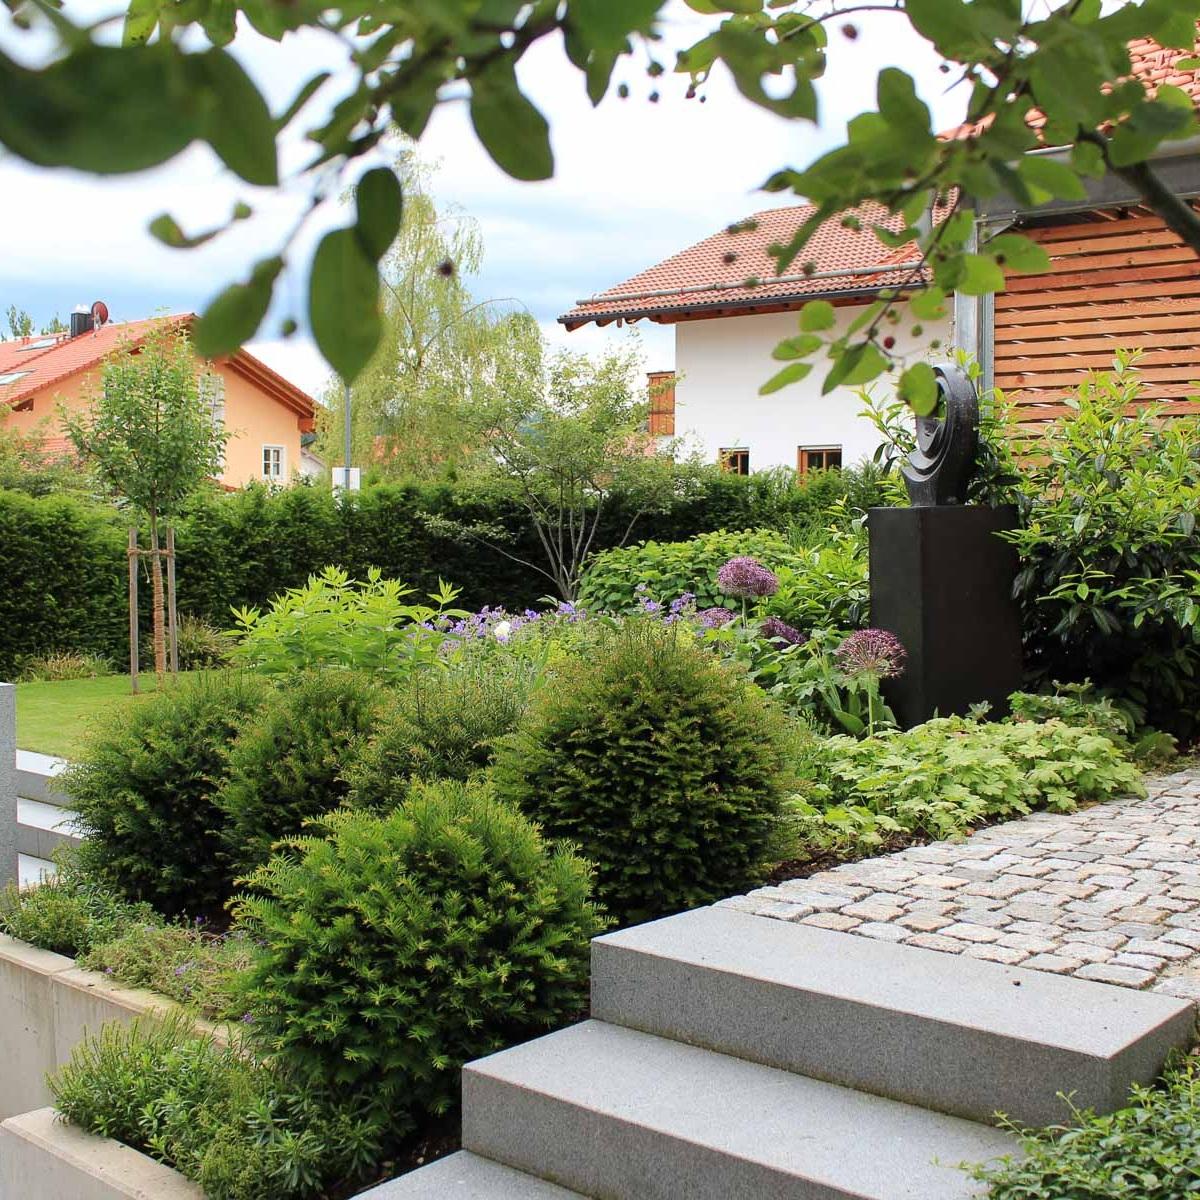 Blockstufen aus Granit bilden die Treppenanlagen im Garten